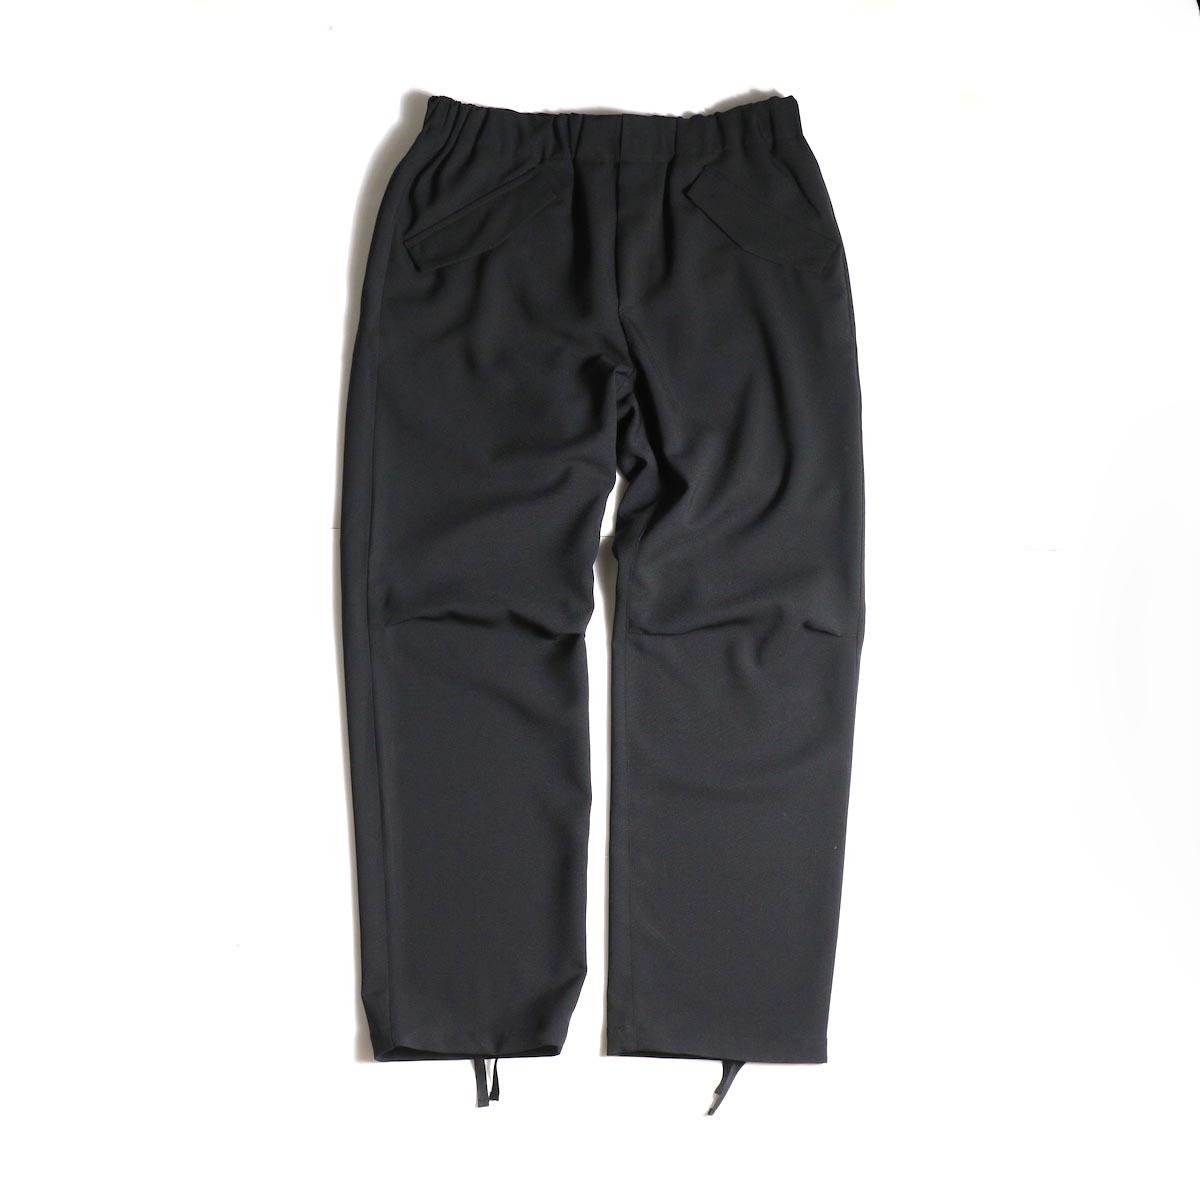 FUTURE PRIMITIVE / FP M-65 EASY PANTS (Black)